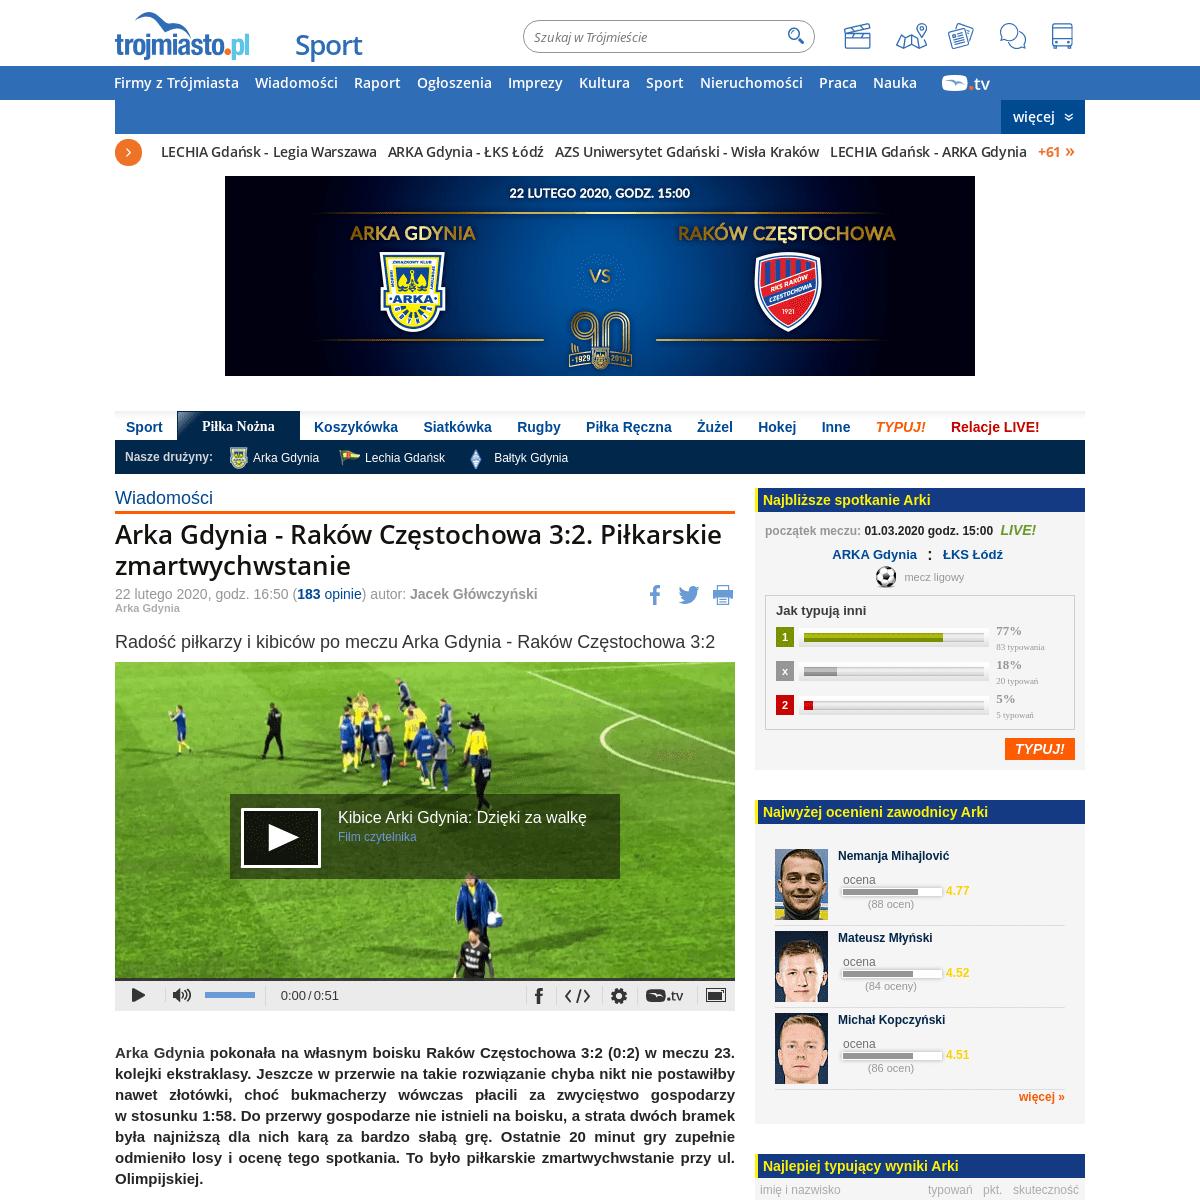 Arka Gdynia - Raków Częstochowa 3-2. Piłkarskie zmartwychwstanie